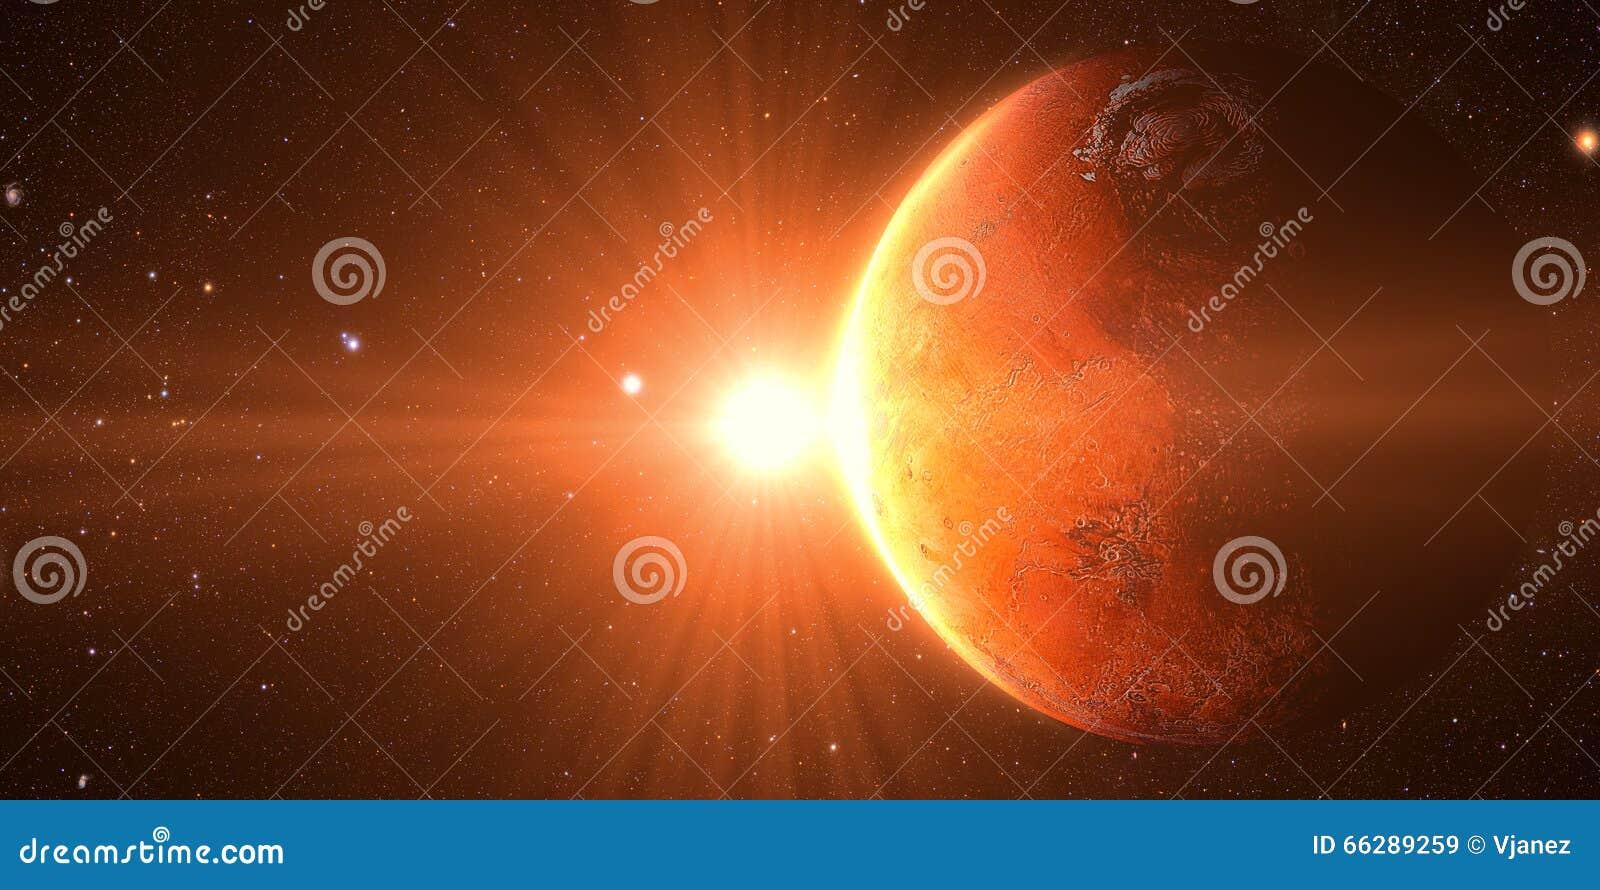 Salida del sol vista de espacio en venus